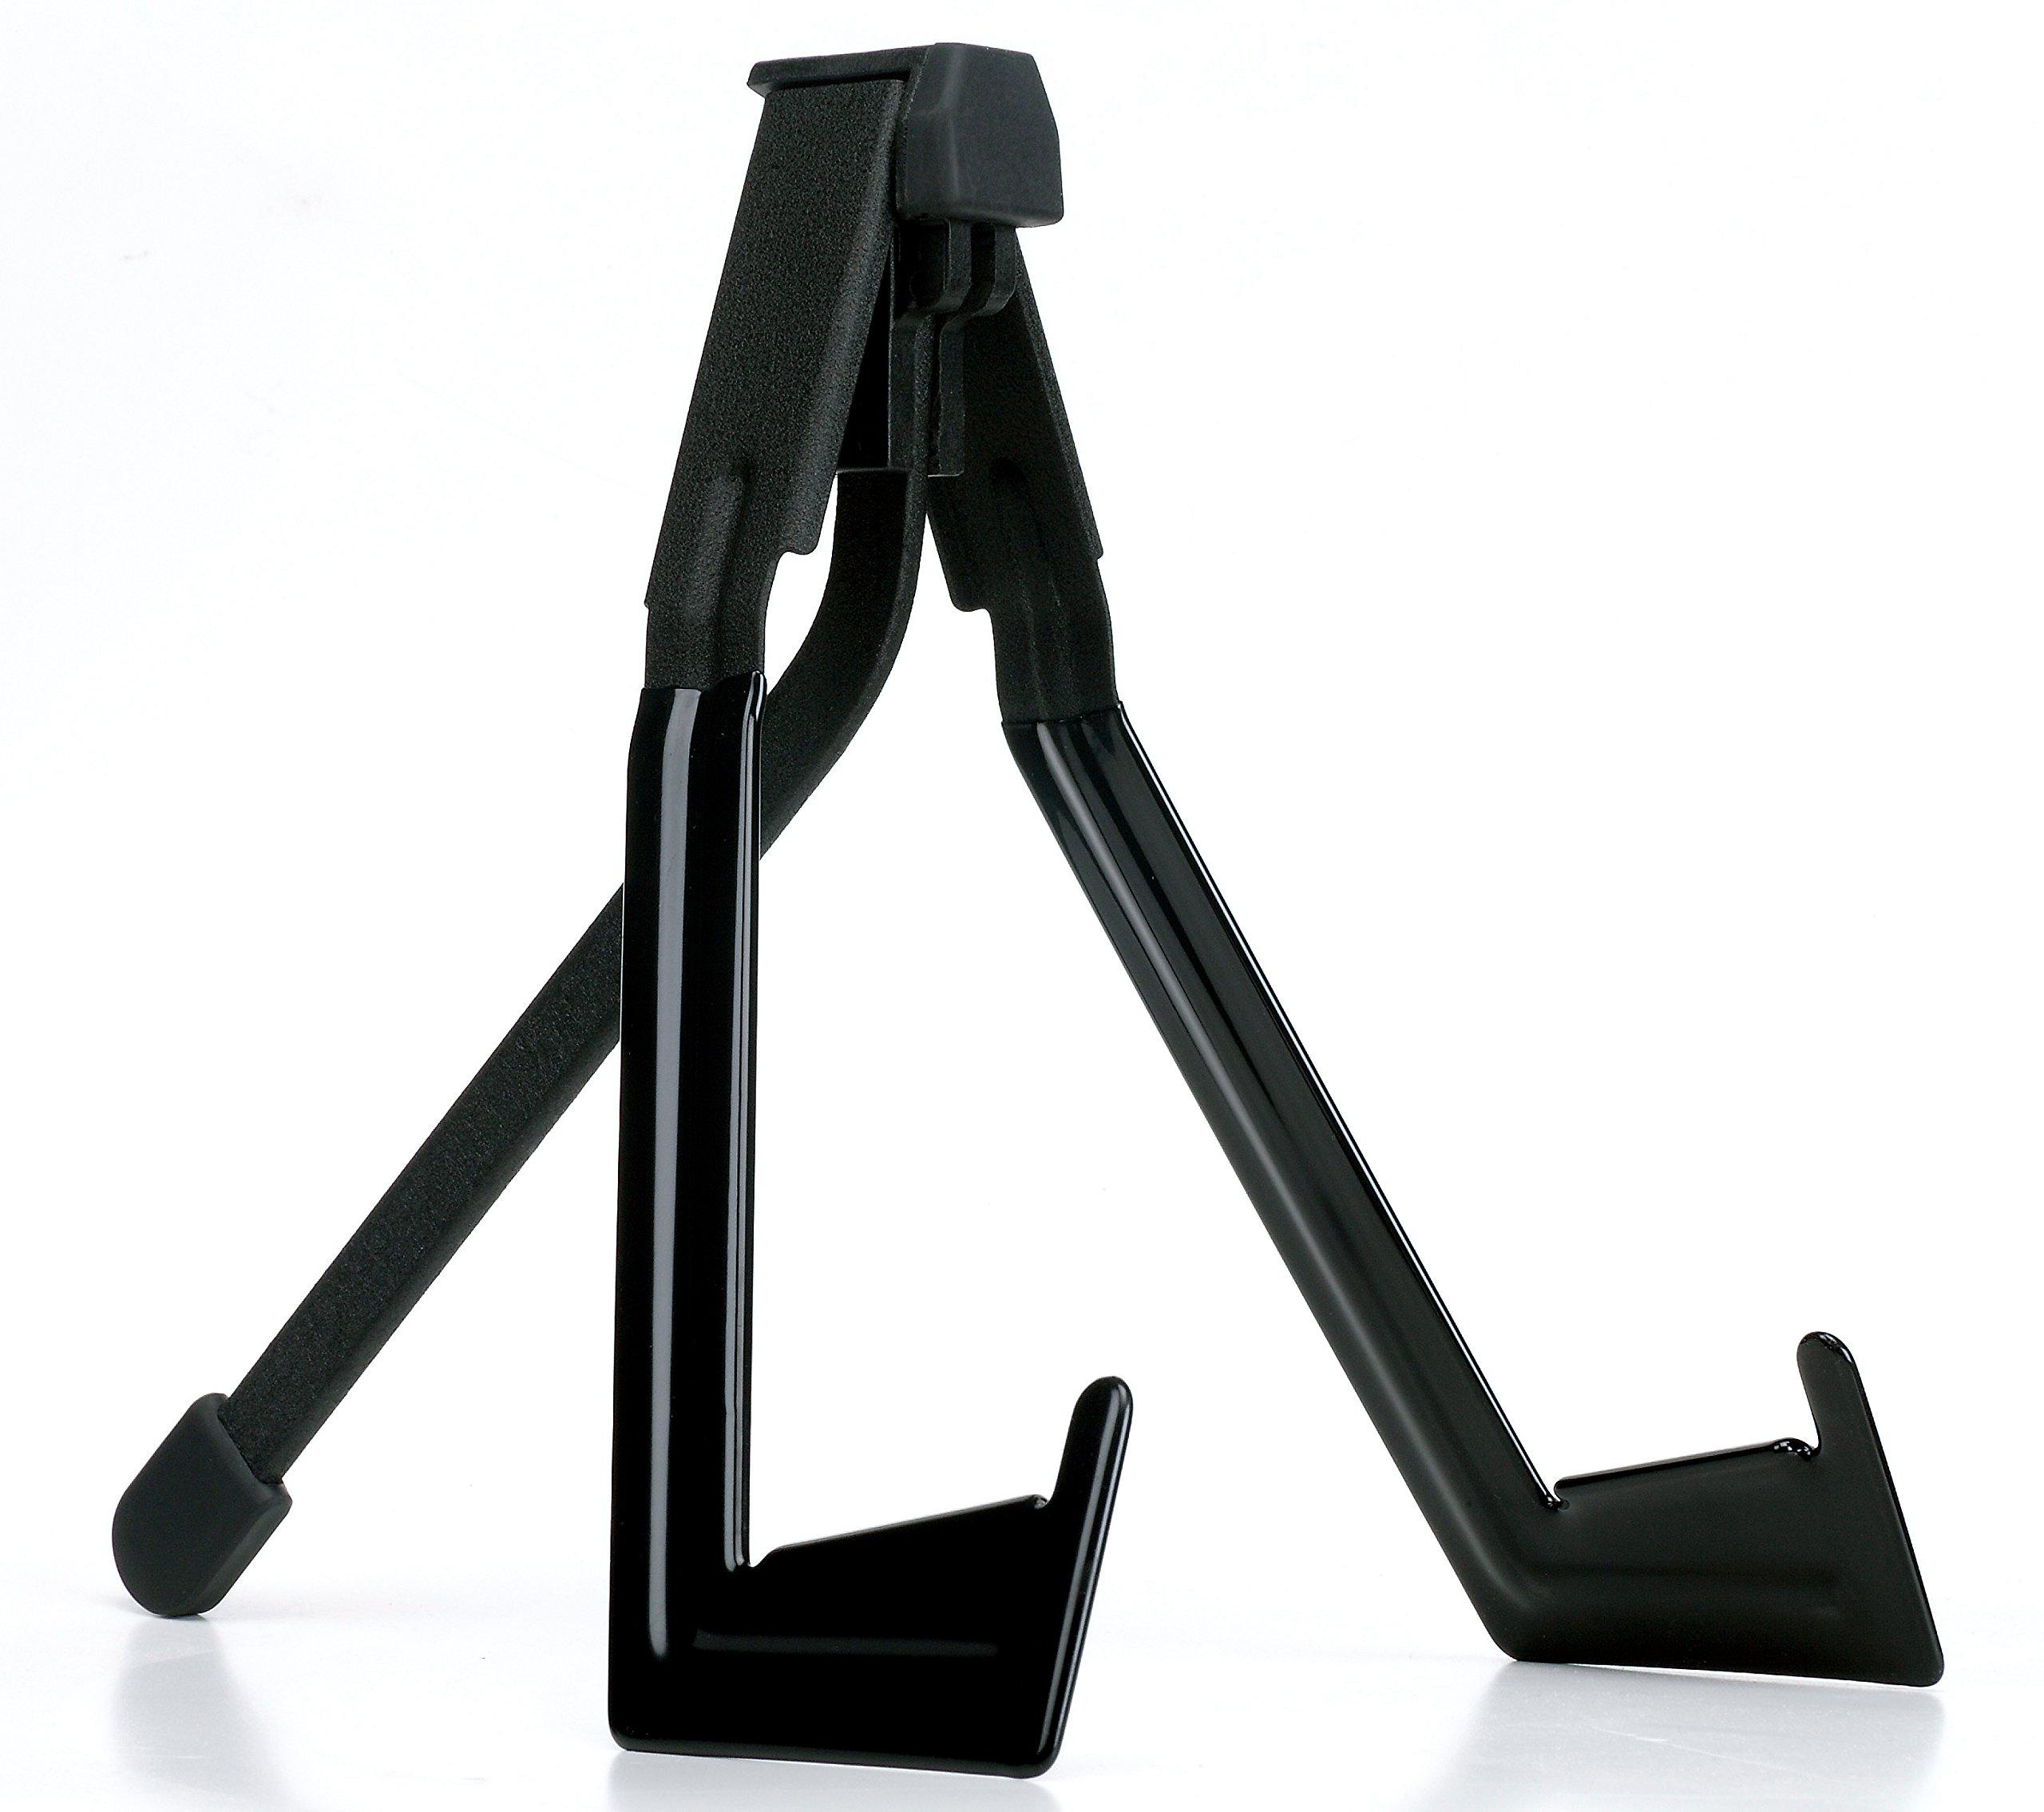 Ibanez Pocket Titan PT32BBK Electric Guitar Stand, Biker's Black